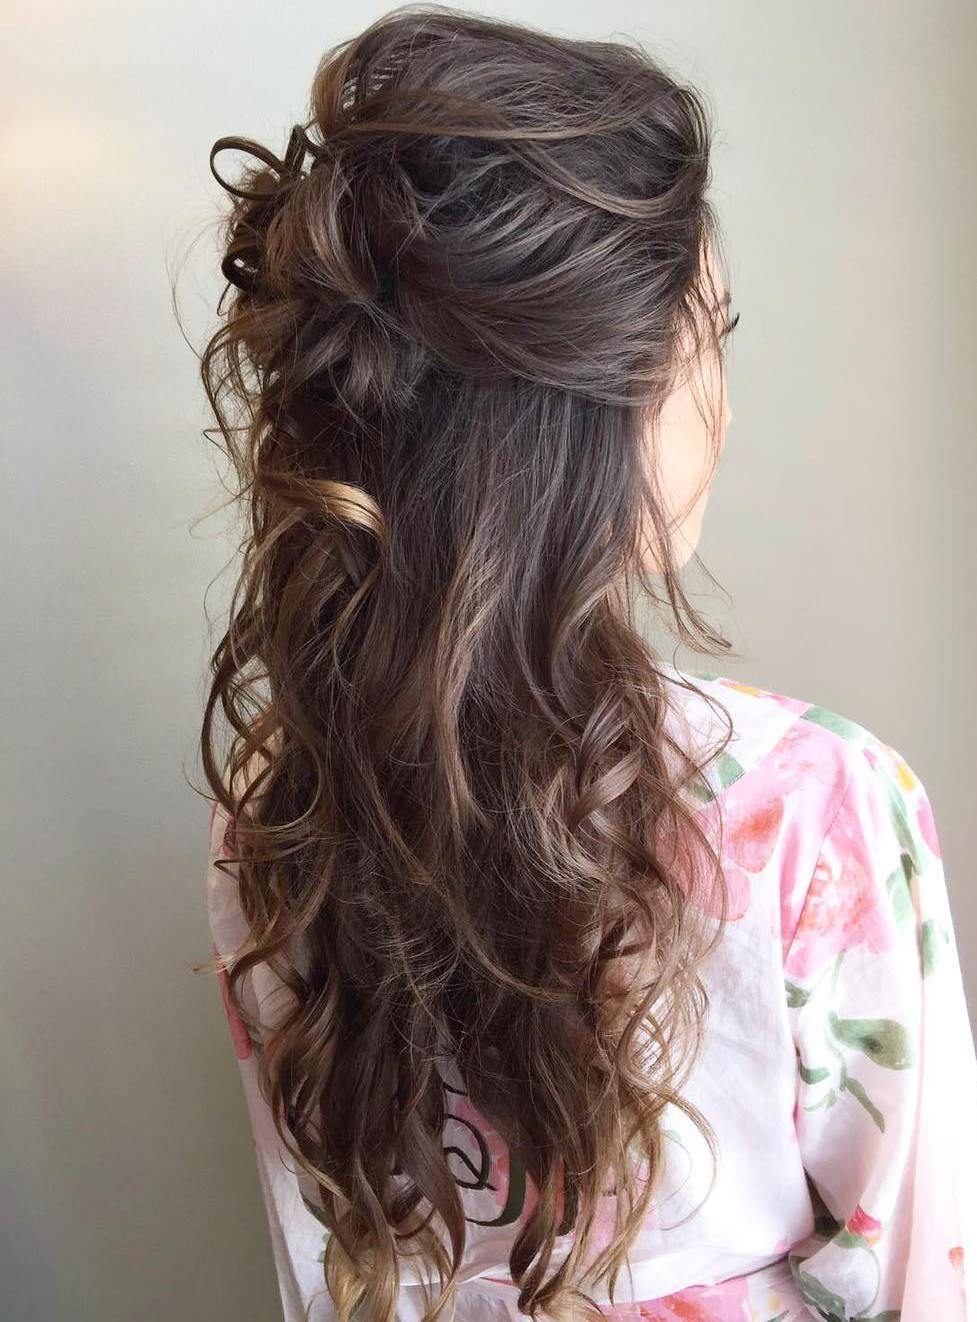 Messy Curly Half Updo For Long Hair coafuri de nuntă 2017. ce puteţi purta, să fiţi în trend Coafuri de nuntă 2017. Ce puteţi purta, ca să fiţi în trend 20 messy curly half updo for long hair